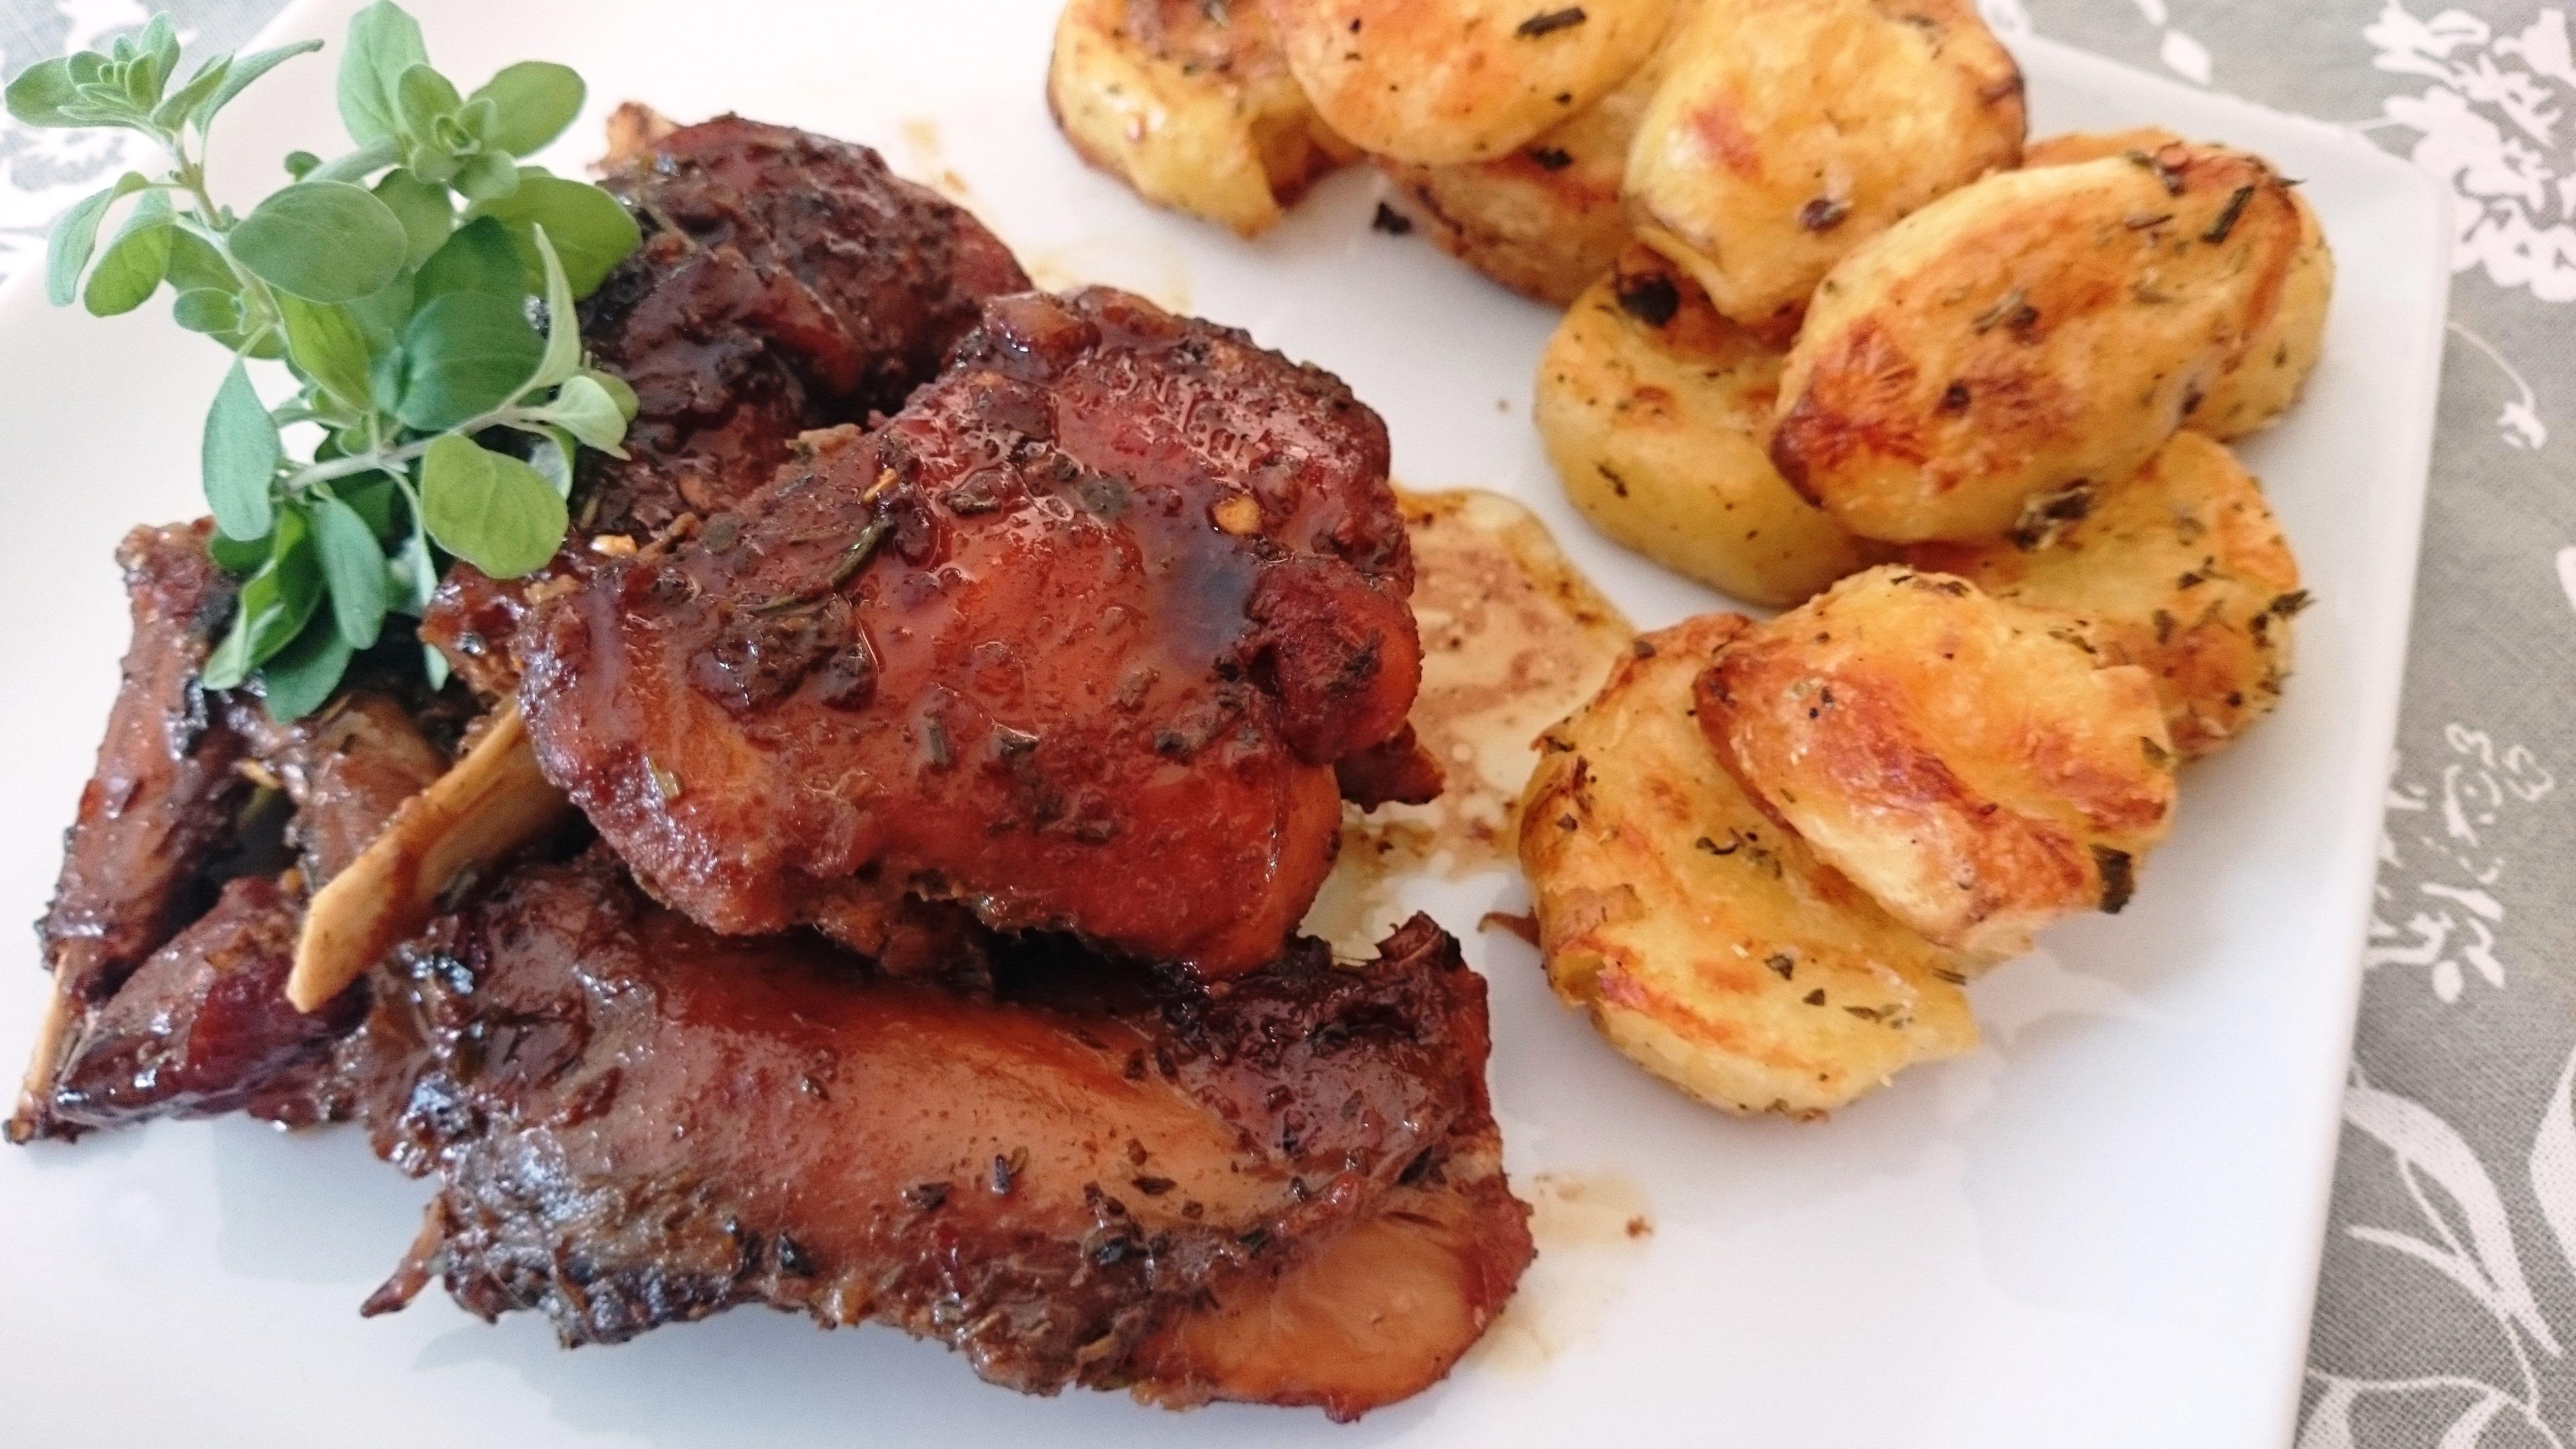 Coniglio all'aceto balsamico con patate arrosto